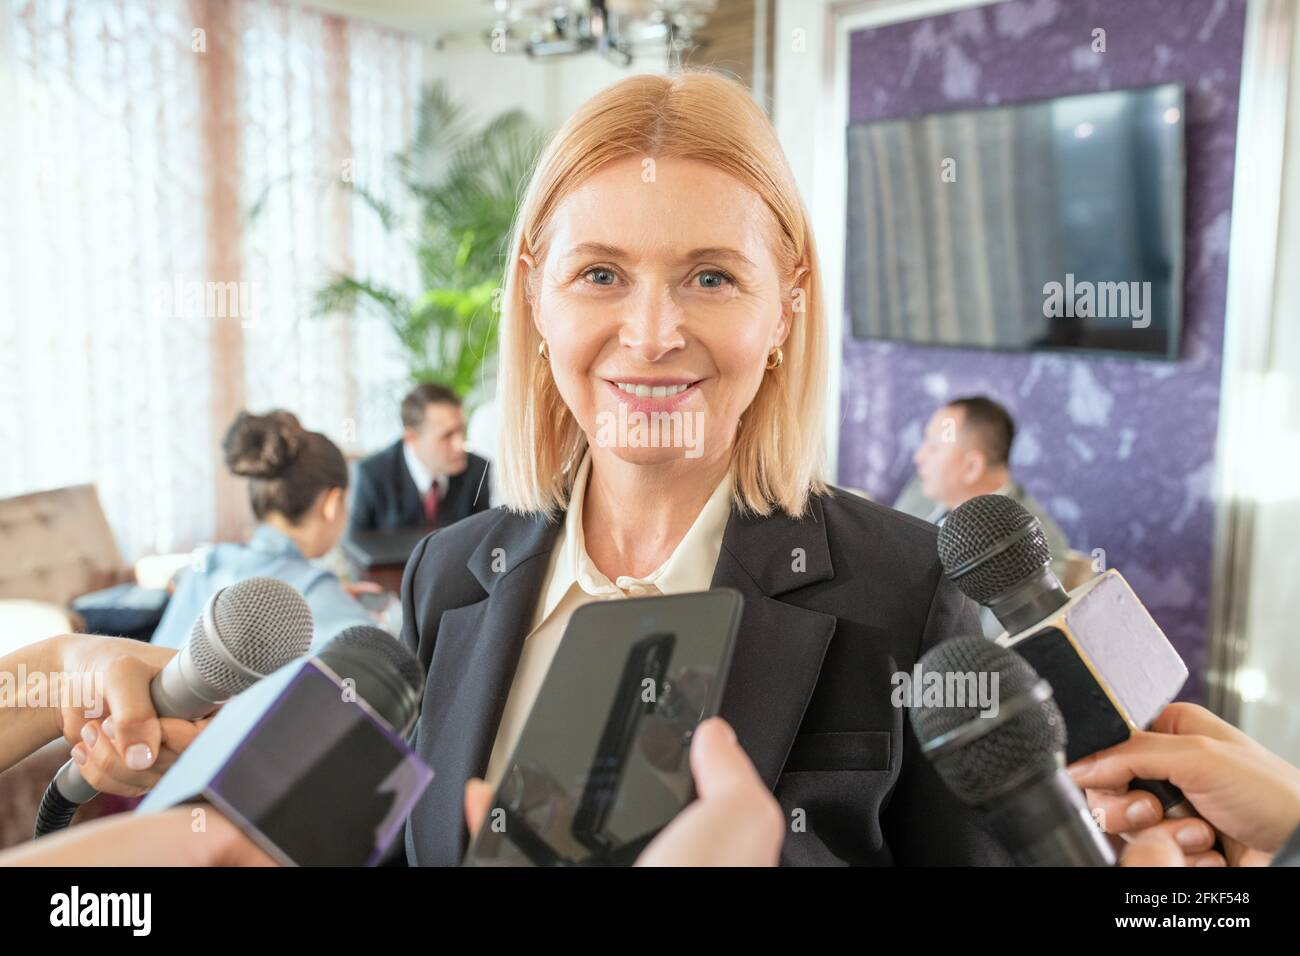 Une femme qui parle dans le microphone lors d'une conférence en face de appareil photo Banque D'Images